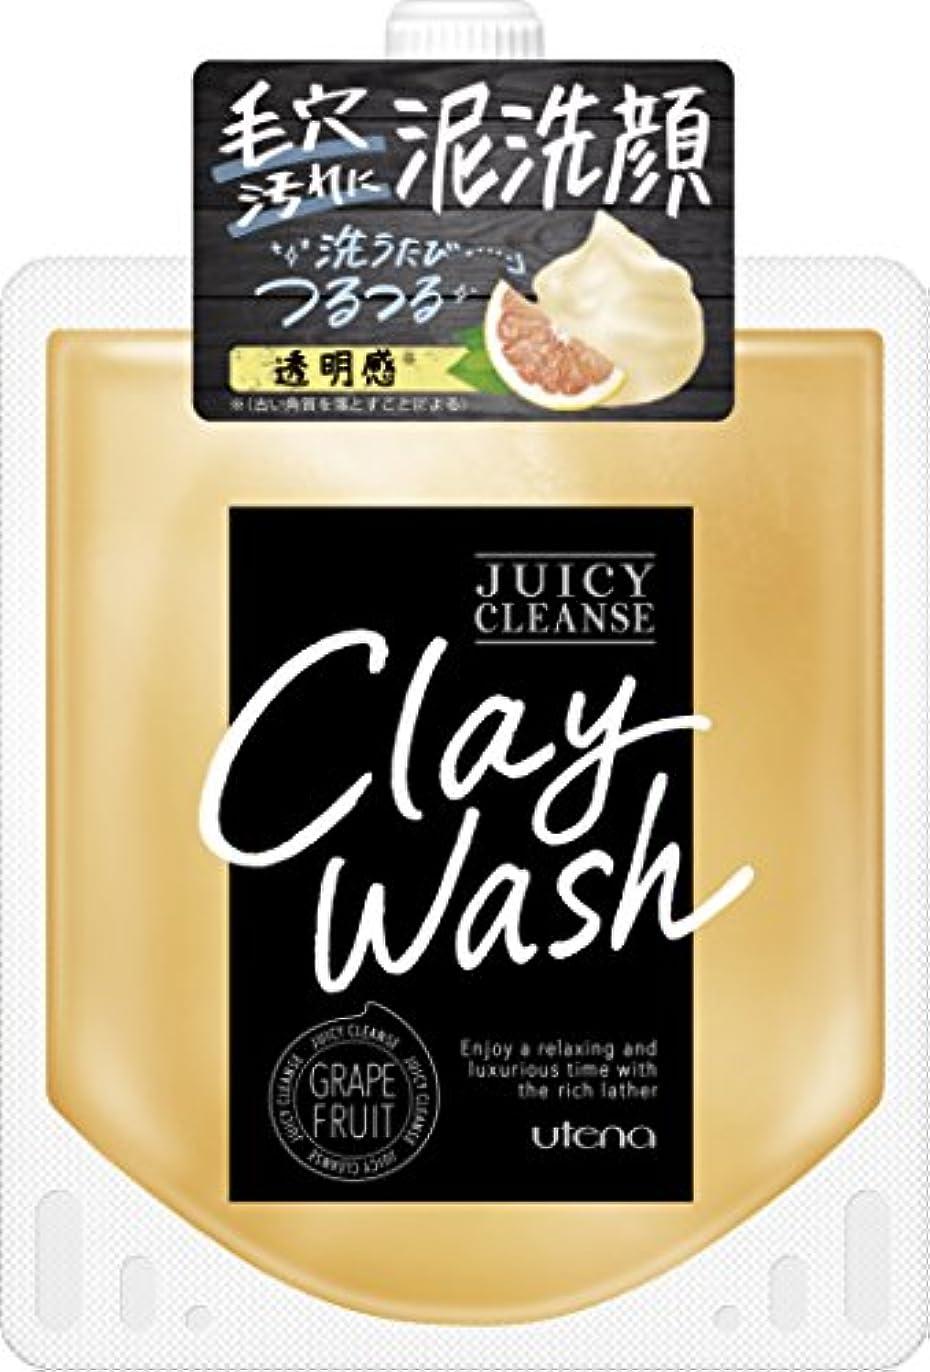 初心者汚染する底JUICY CLEANSE(ジューシィクレンズ) クレイウォッシュ グレープフルーツ 110g